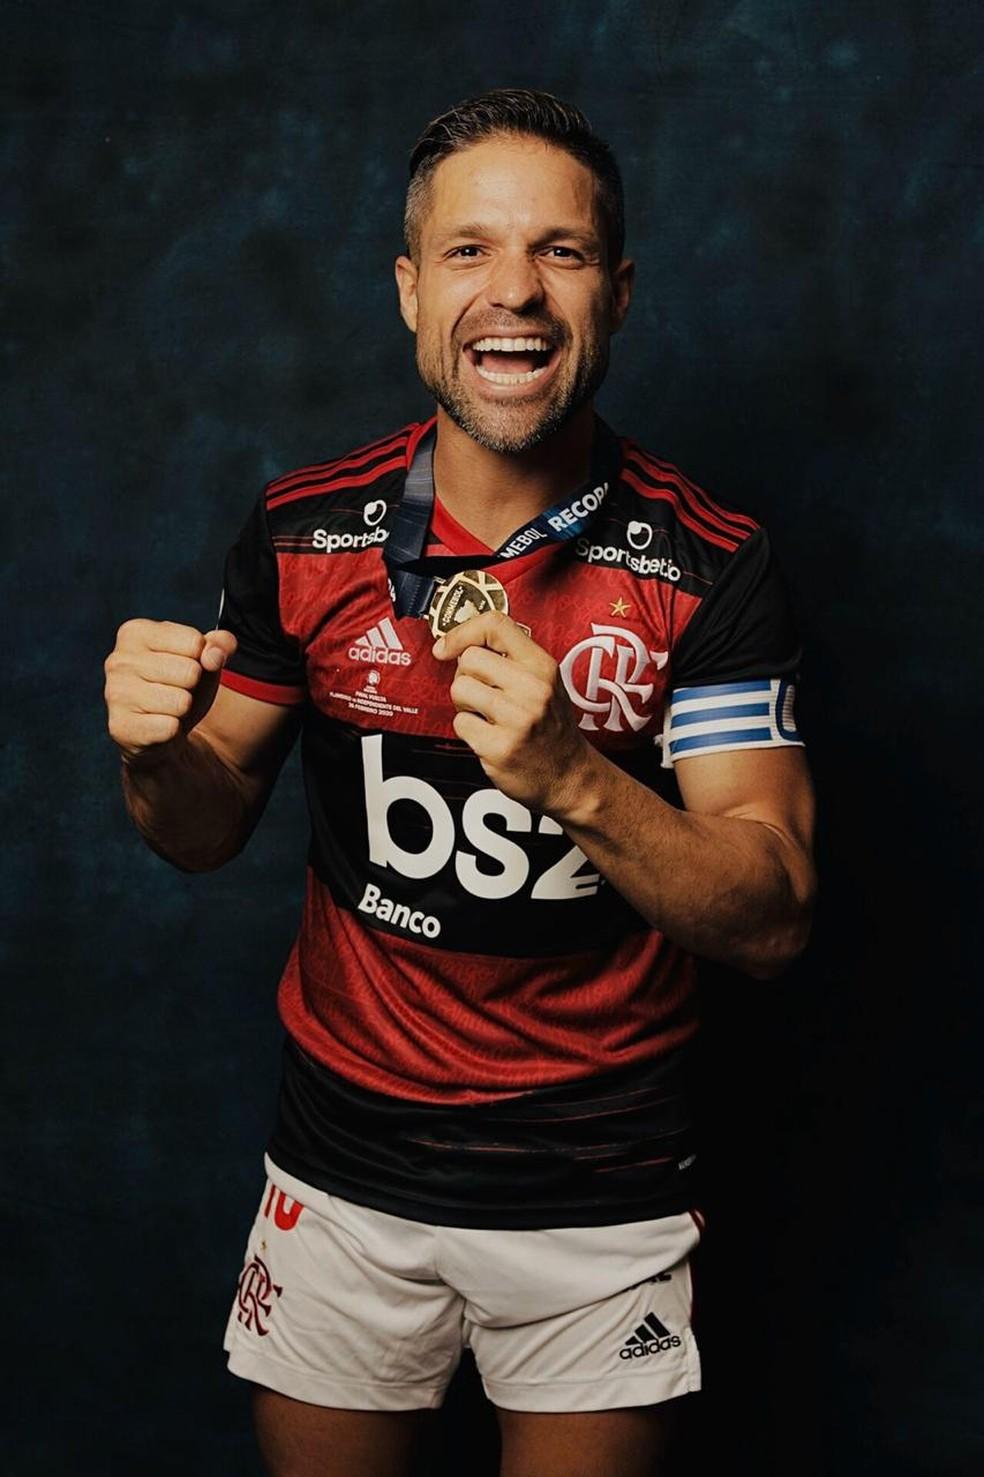 Diego com a medalha da Recopa — Foto: Divulgação Conmebol